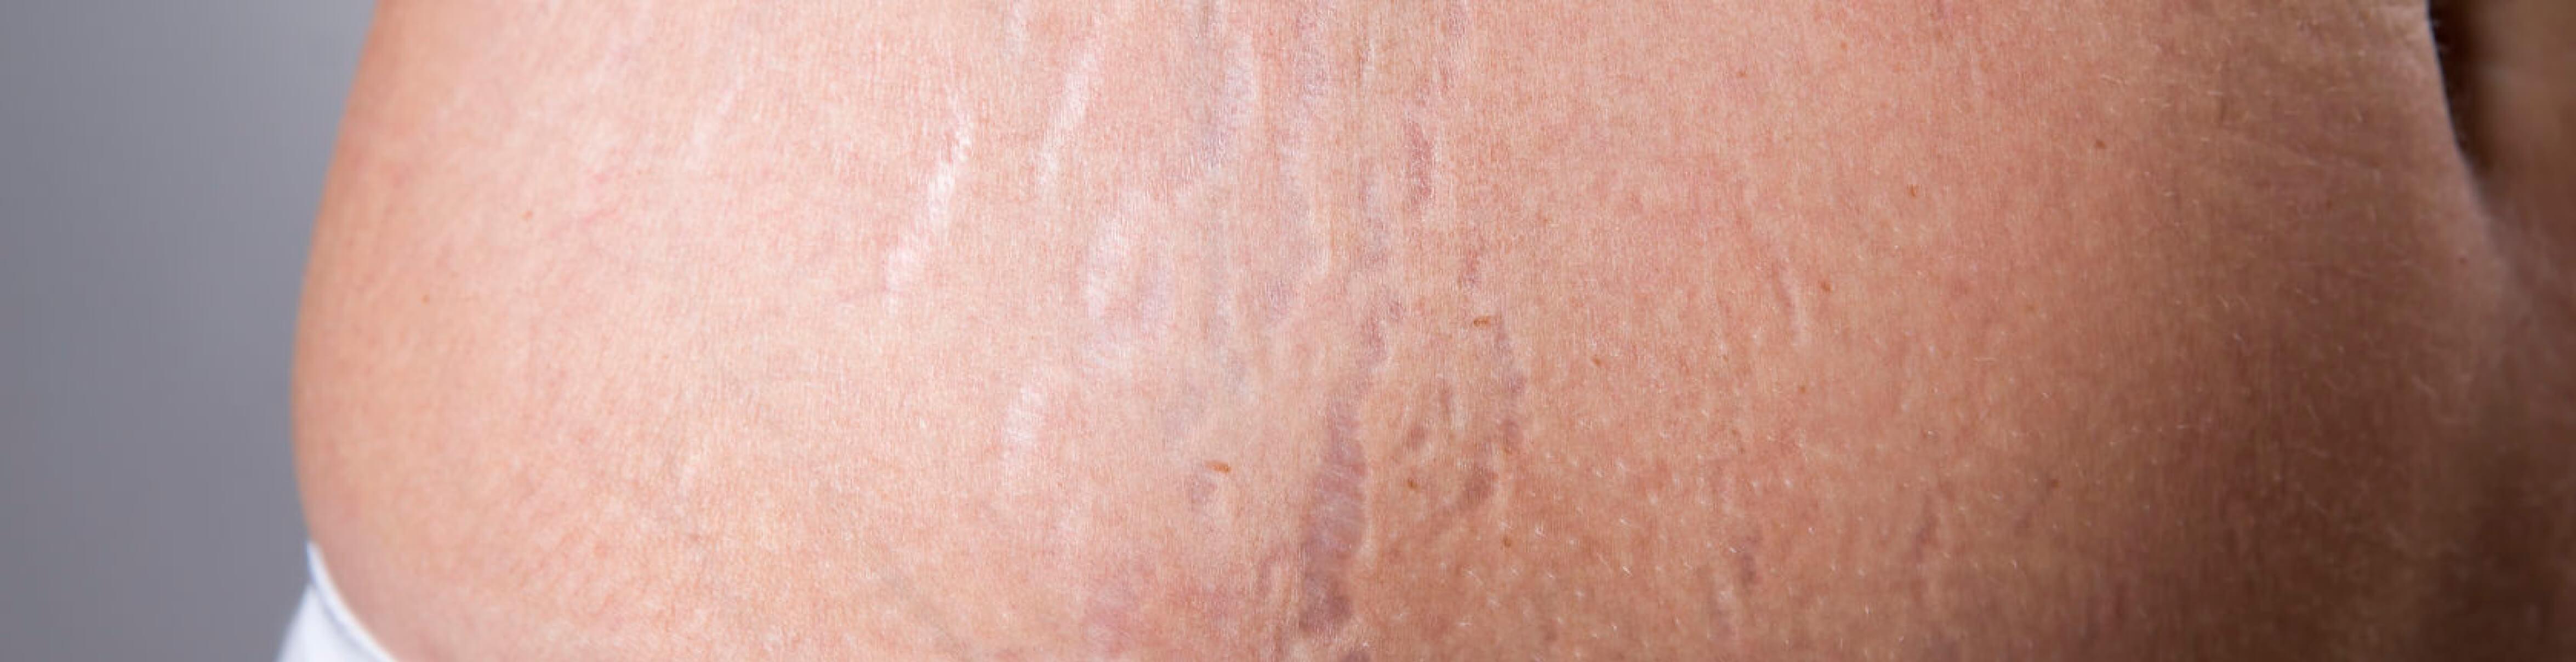 scar_treatment